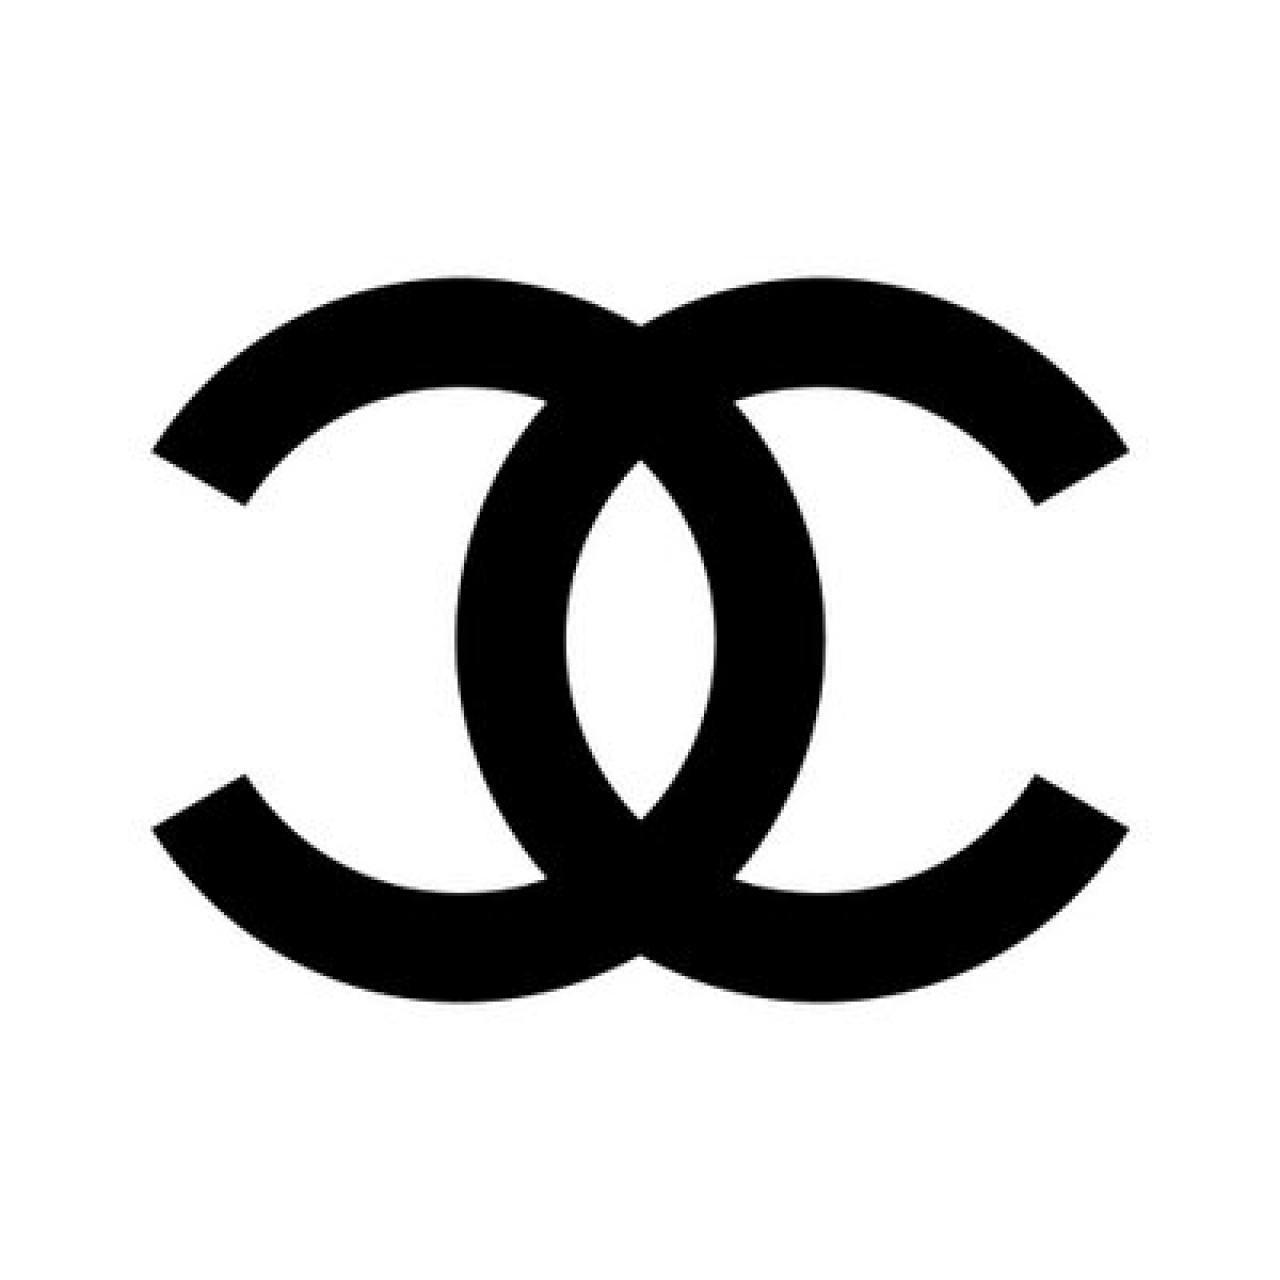 CHANEL ロゴ